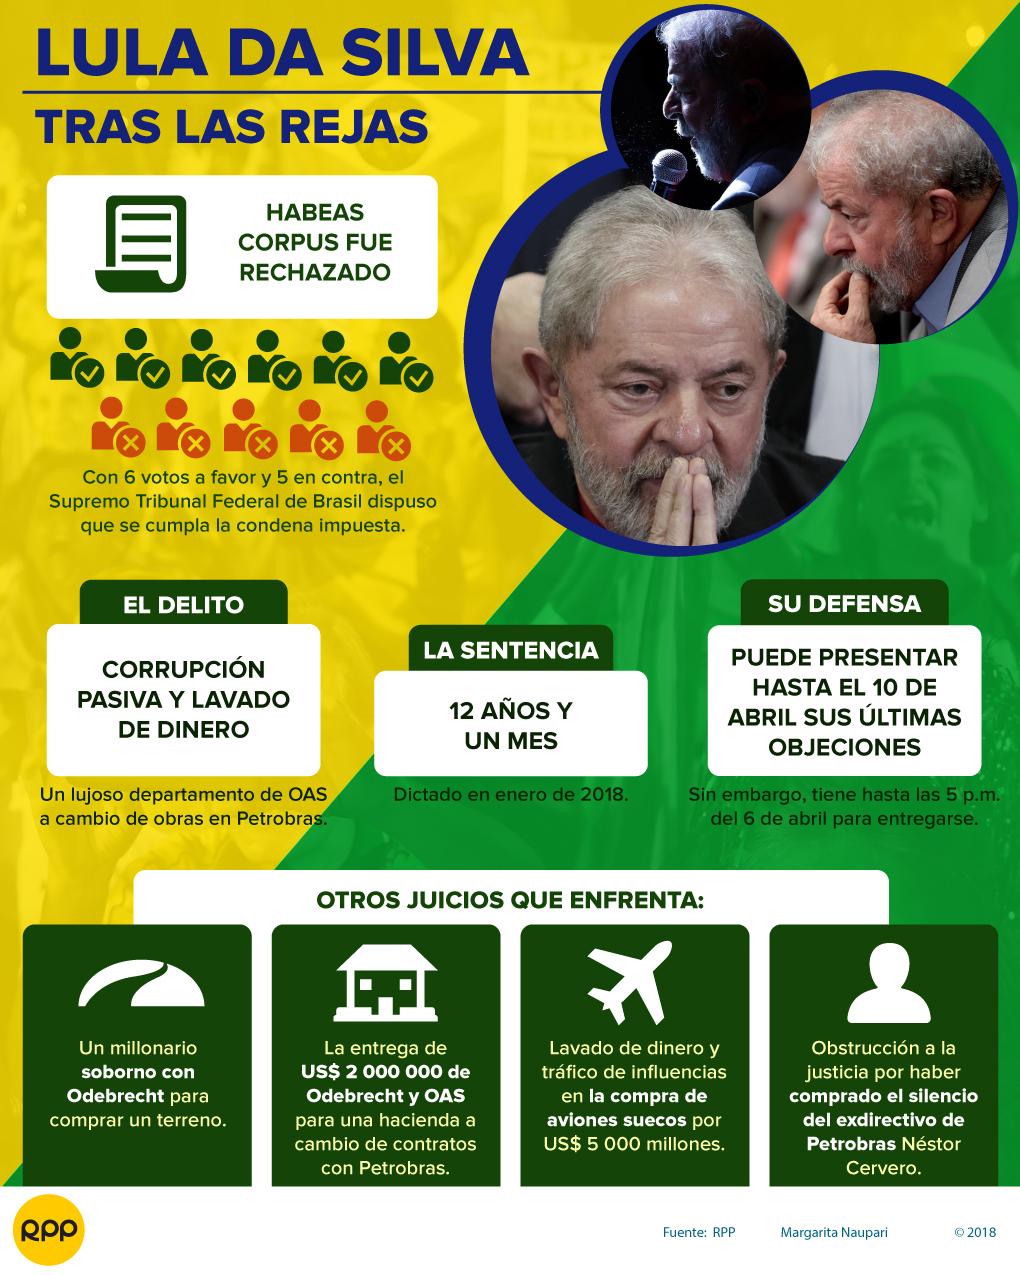 El juez Sergio Moro decreta la prisión del expresidente Lula da Silva